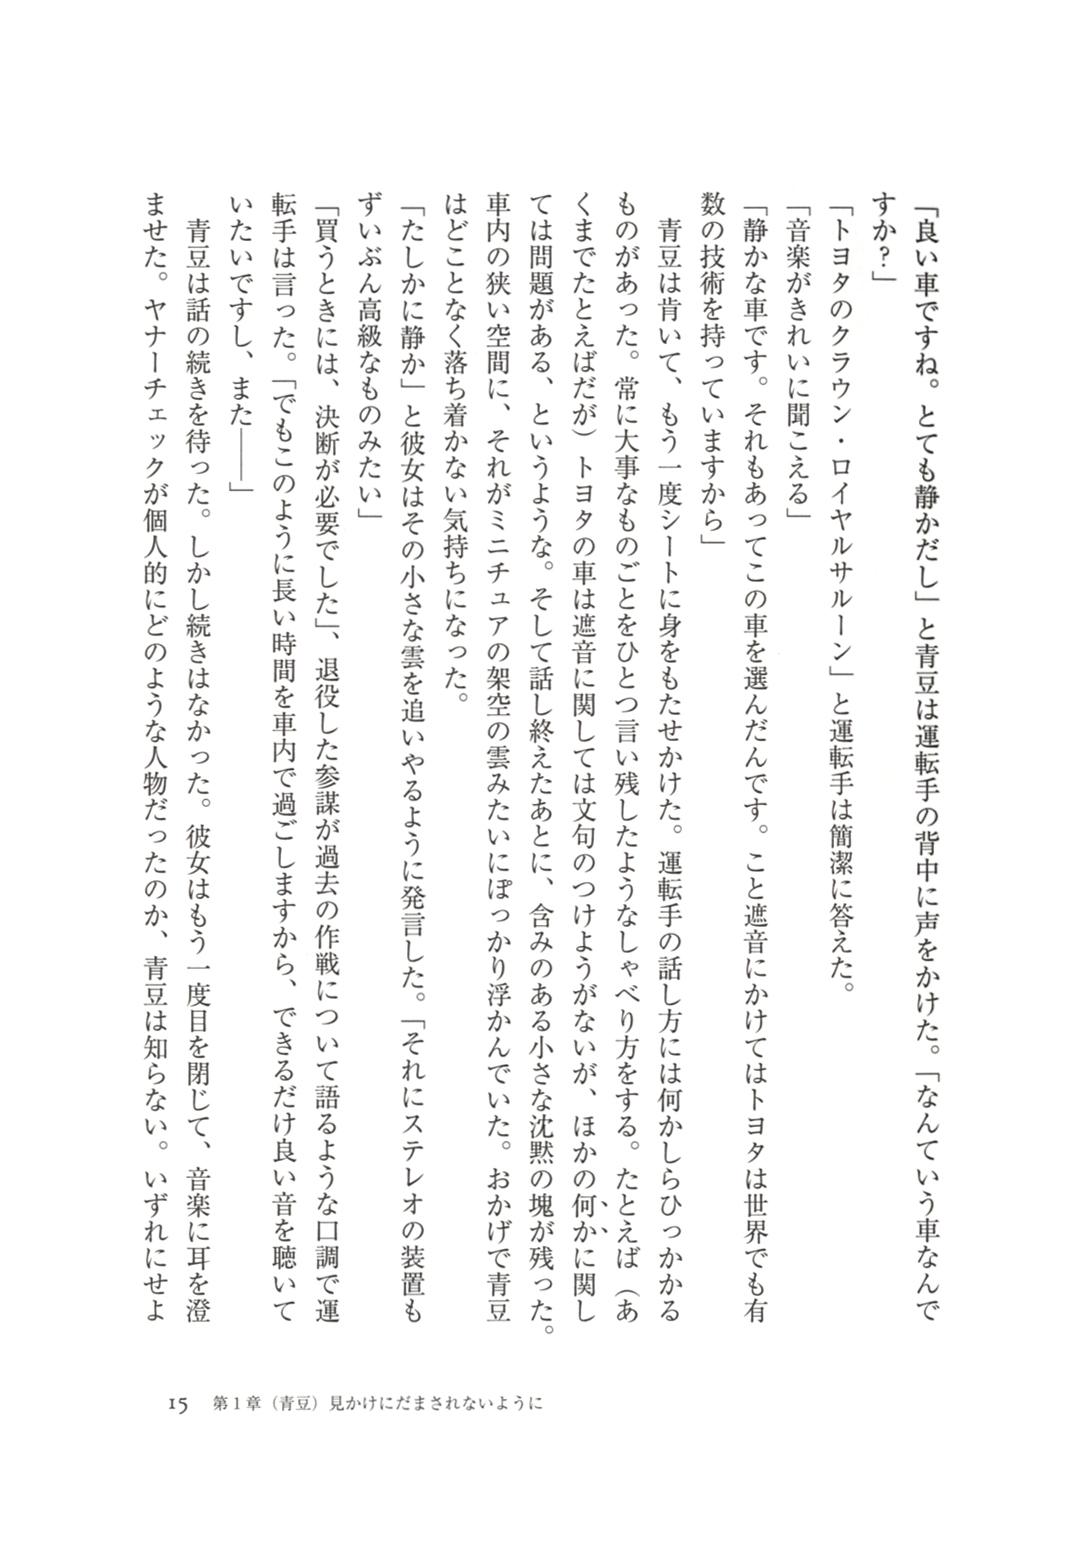 村上 春樹 電子 書籍 新潮社